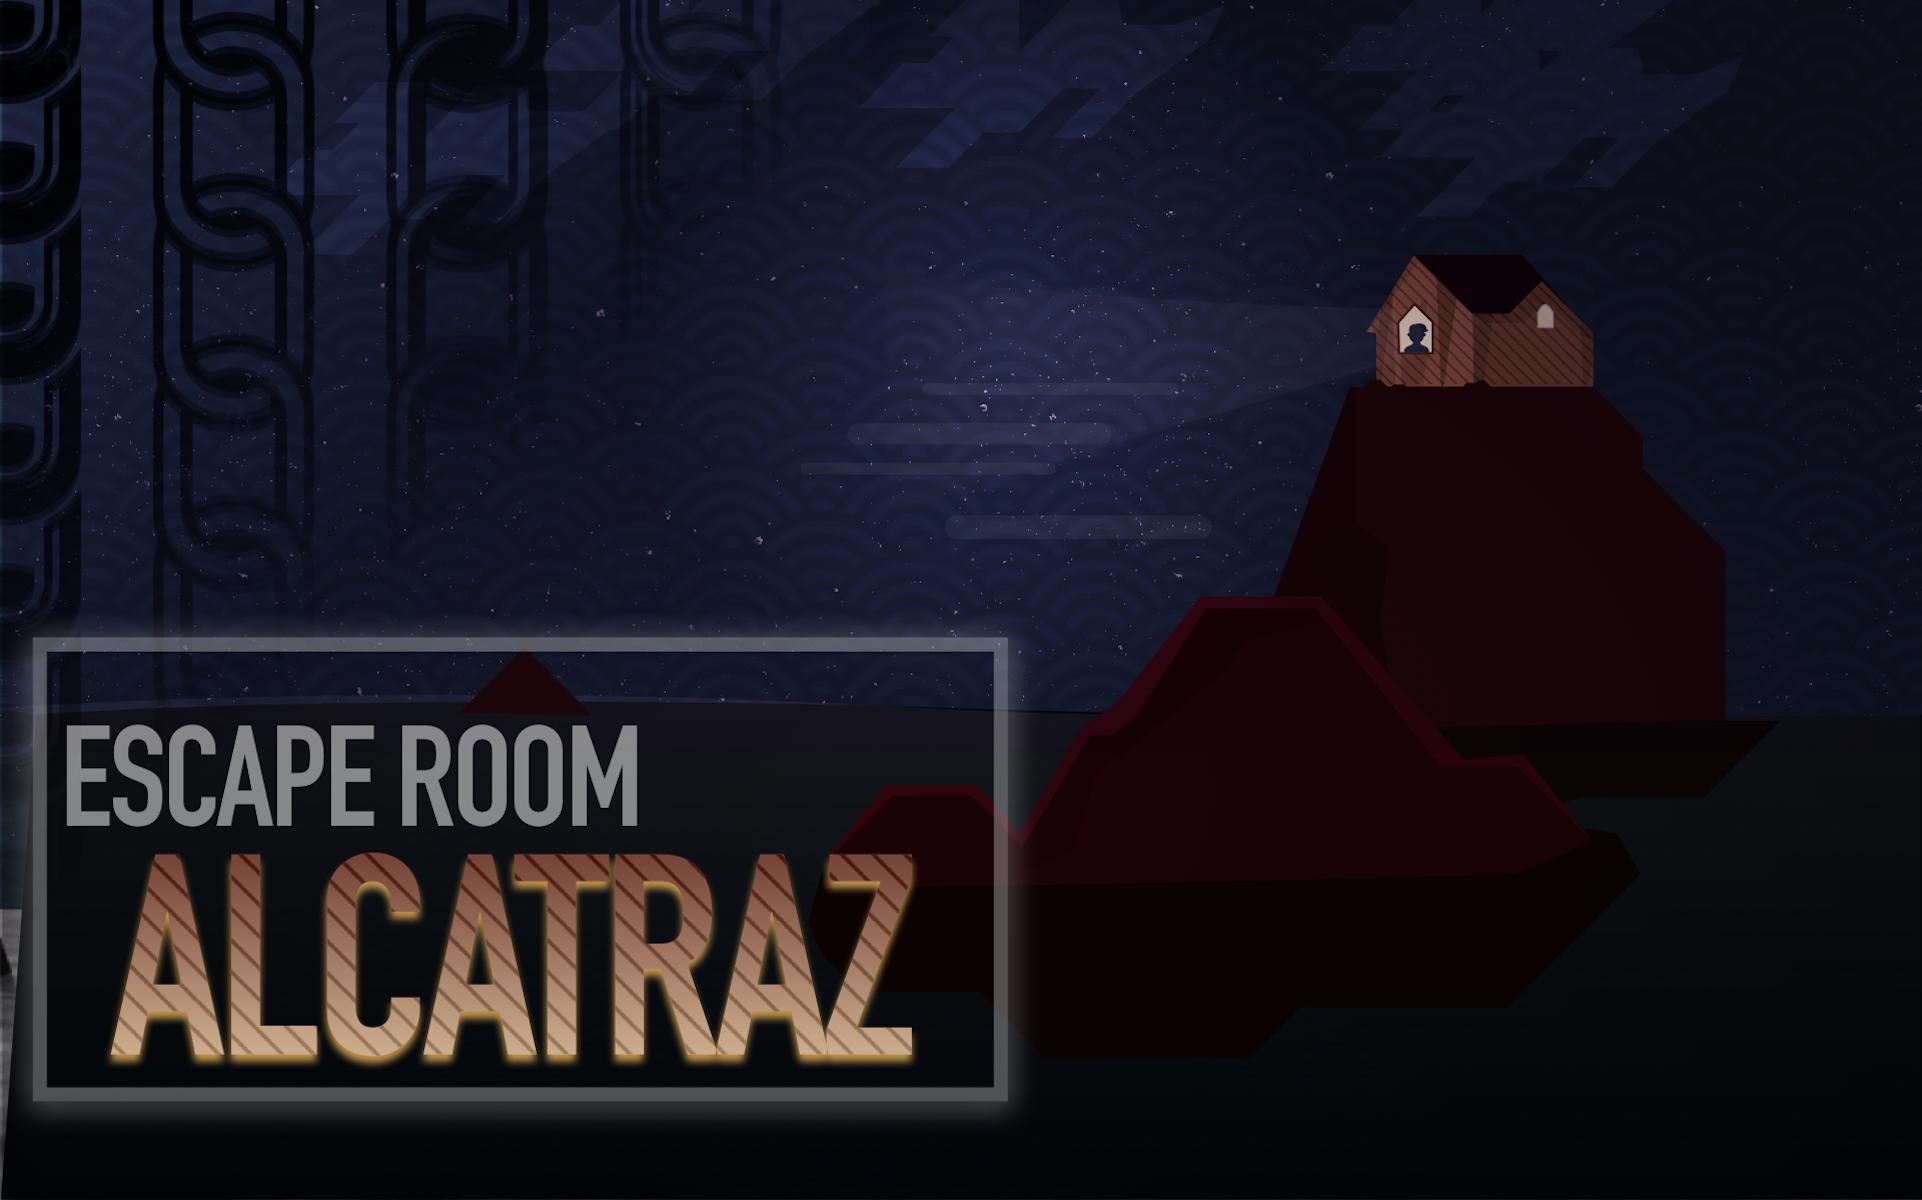 Vr Escape Room Alcatraz Windows Vr Game Mod Db